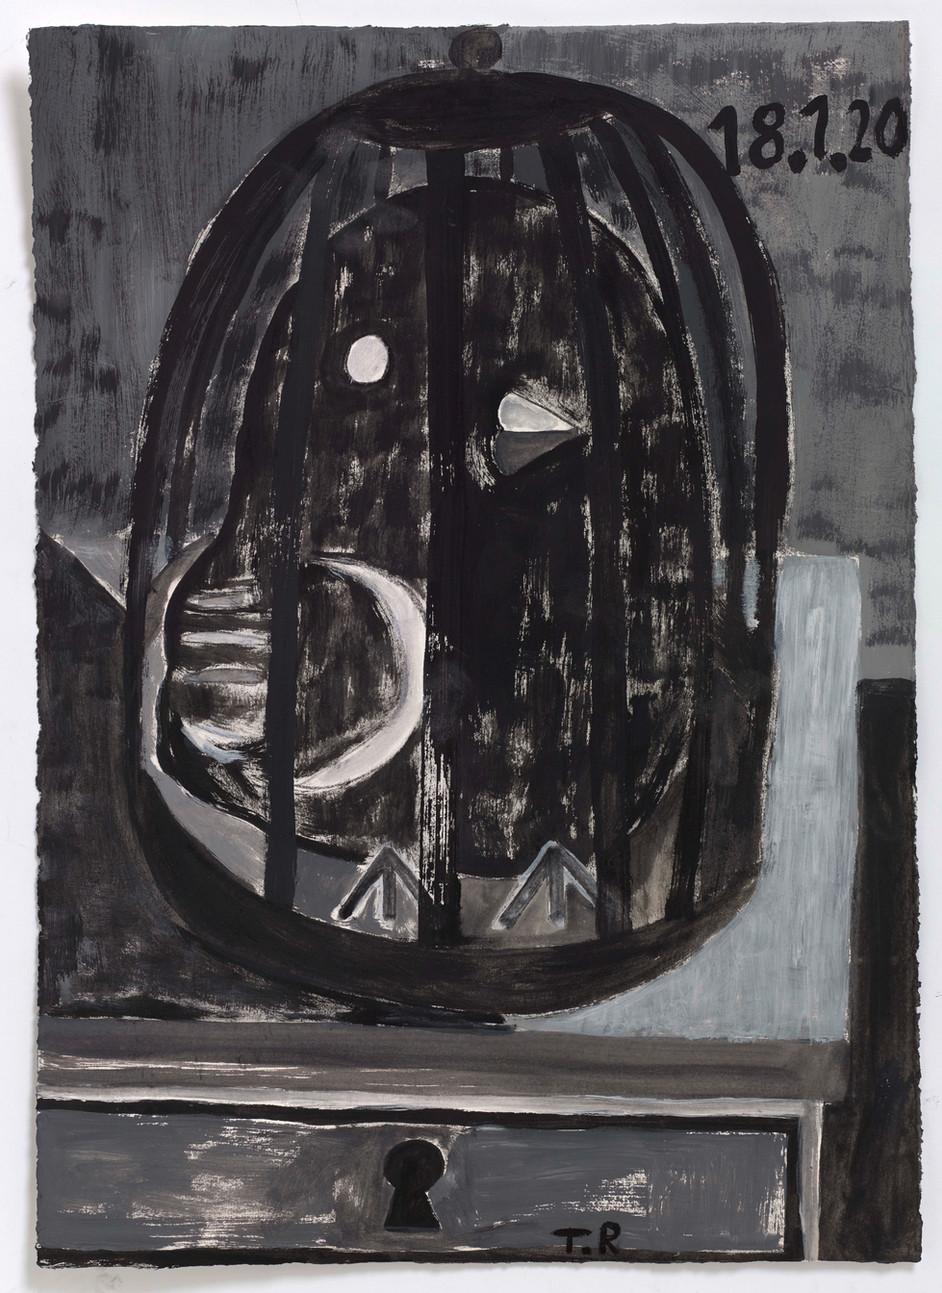 TAL R Elisabeth, 2020 gouache on paper 76 x 55 cm